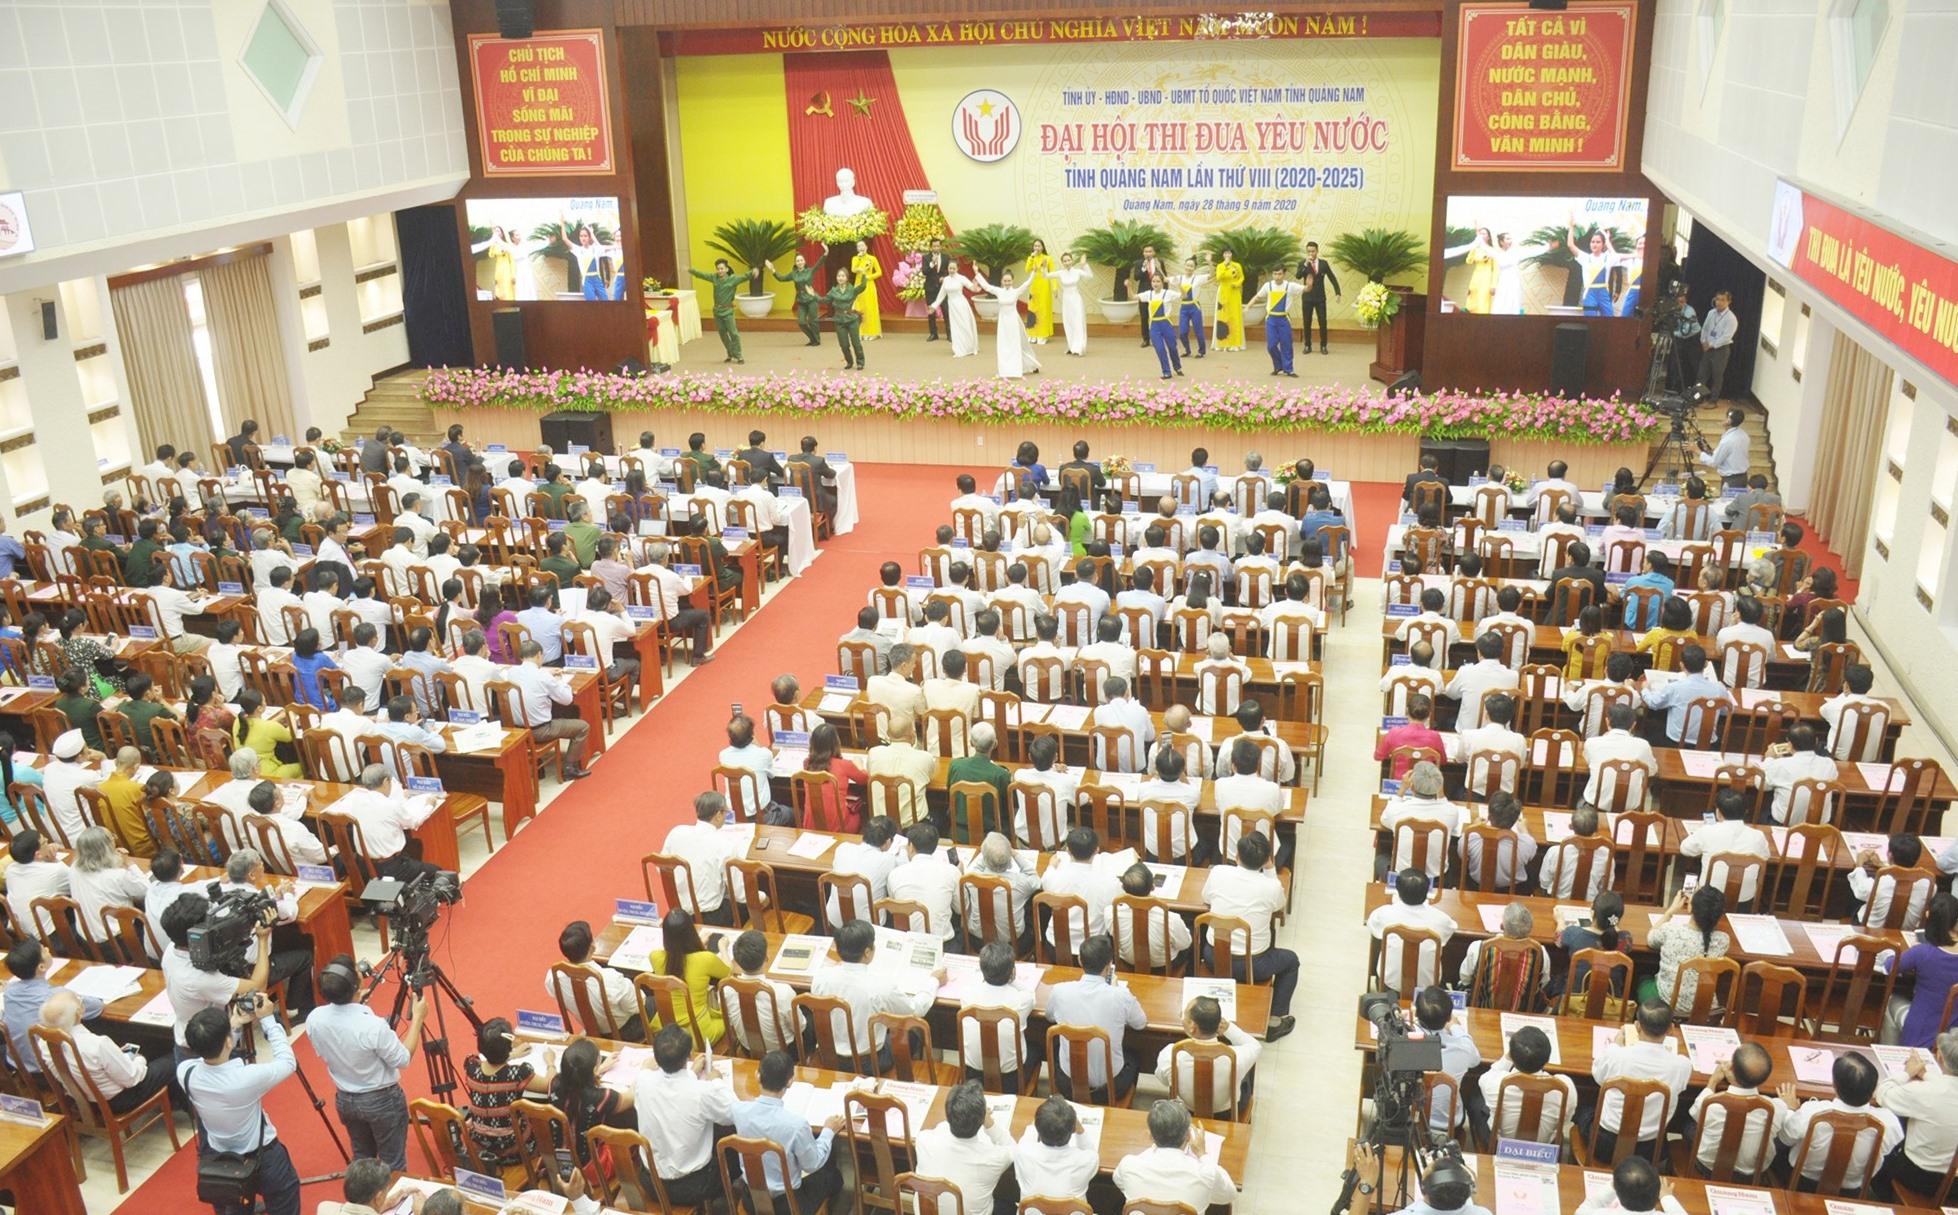 Quang cảnh Đại hội Thi đua yêu nước tỉnh Quảng Nam lần thứ VIII (2020 - 2025). Ảnh: N.Đ